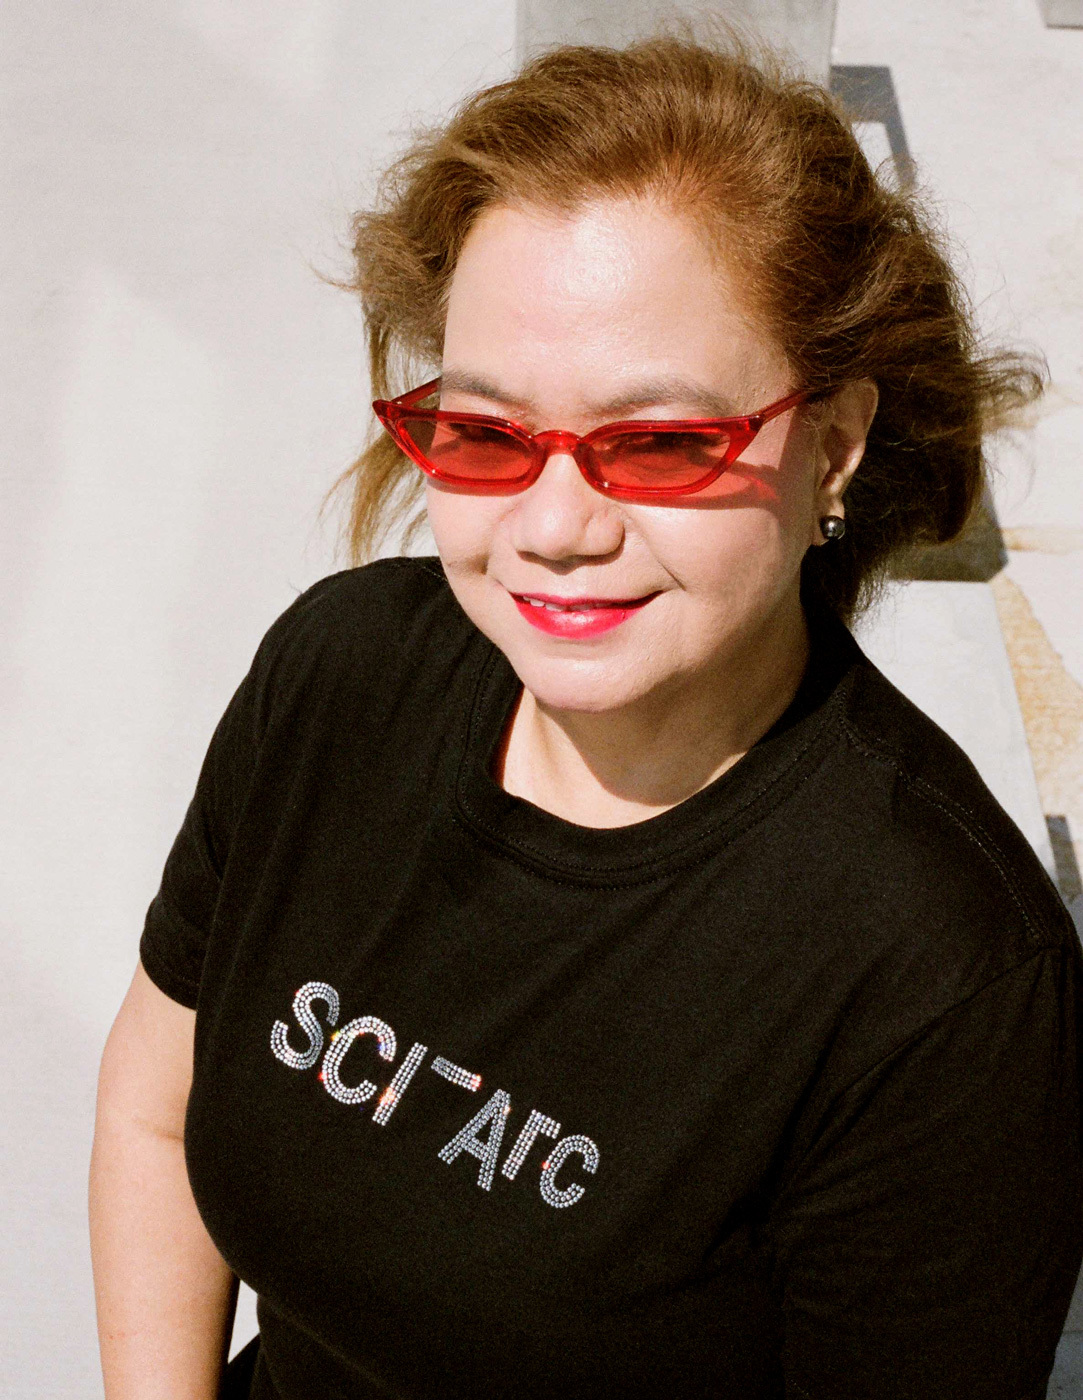 Becky Cuenco glasses tshirt